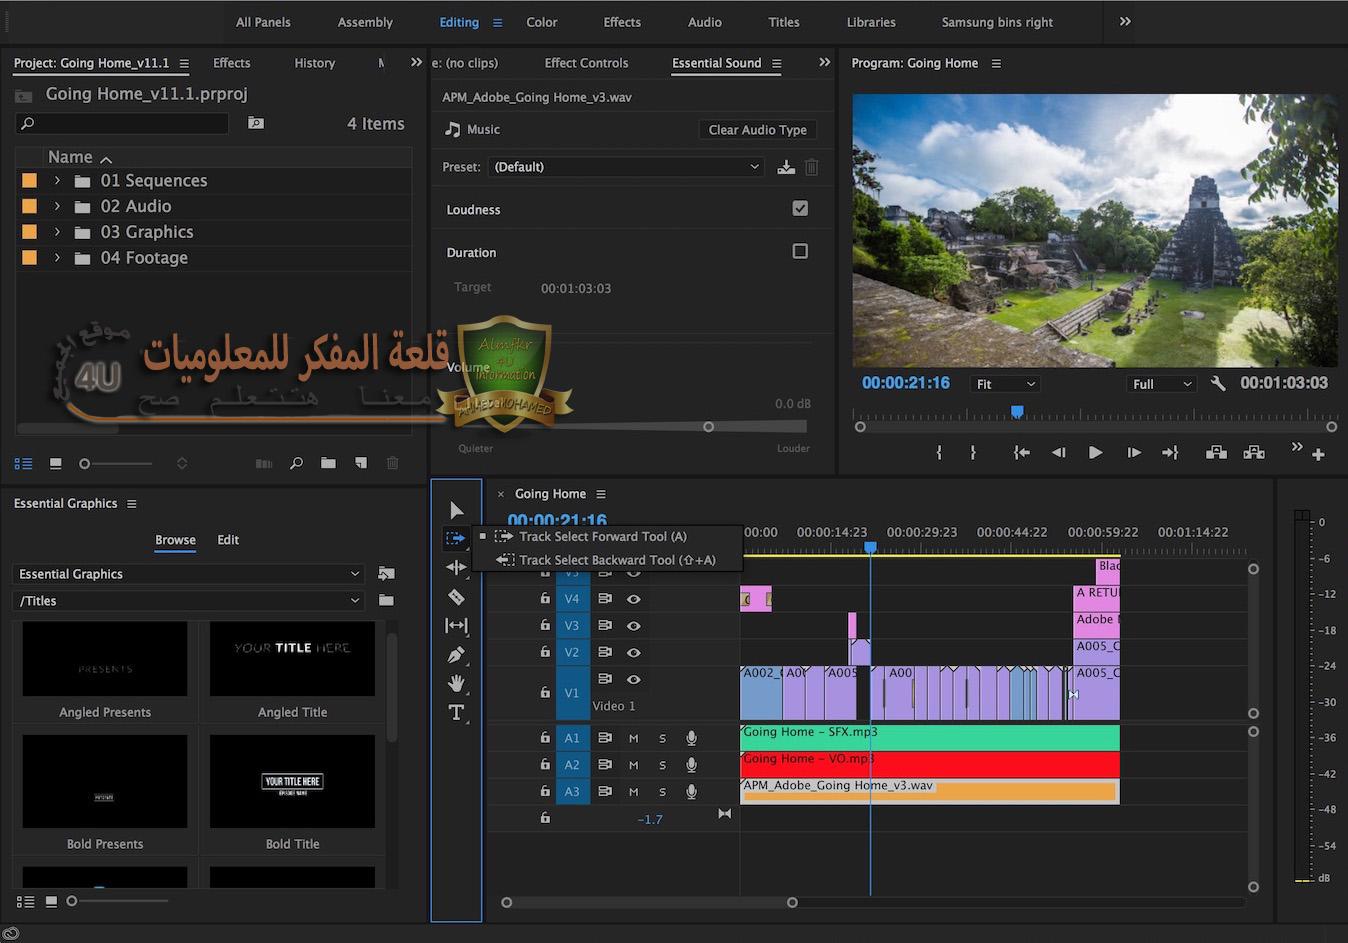 تحميل برنامج Adobe Premiere Pro النسخة الكاملة من الموقع الرسمي مباشرة